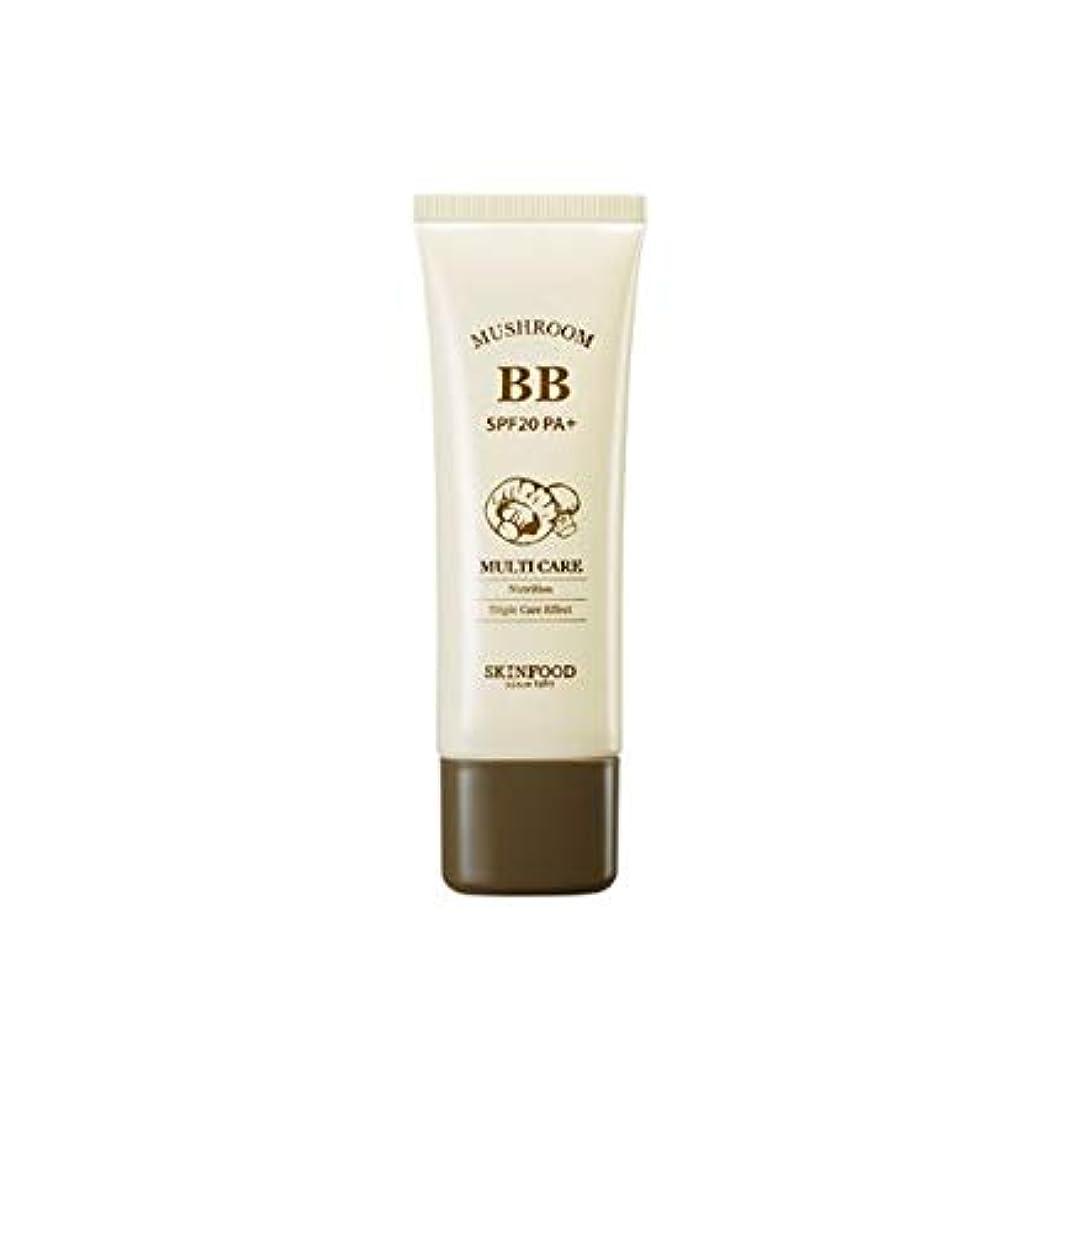 優しい問い合わせ派生するSkinfood マッシュルームマルチケアBBクリームSPF20 PA +#No. 1ブライトスキン / Mushroom Multi Care BB Cream SPF20 PA+# No. 1 Bright Skin 50g [並行輸入品]